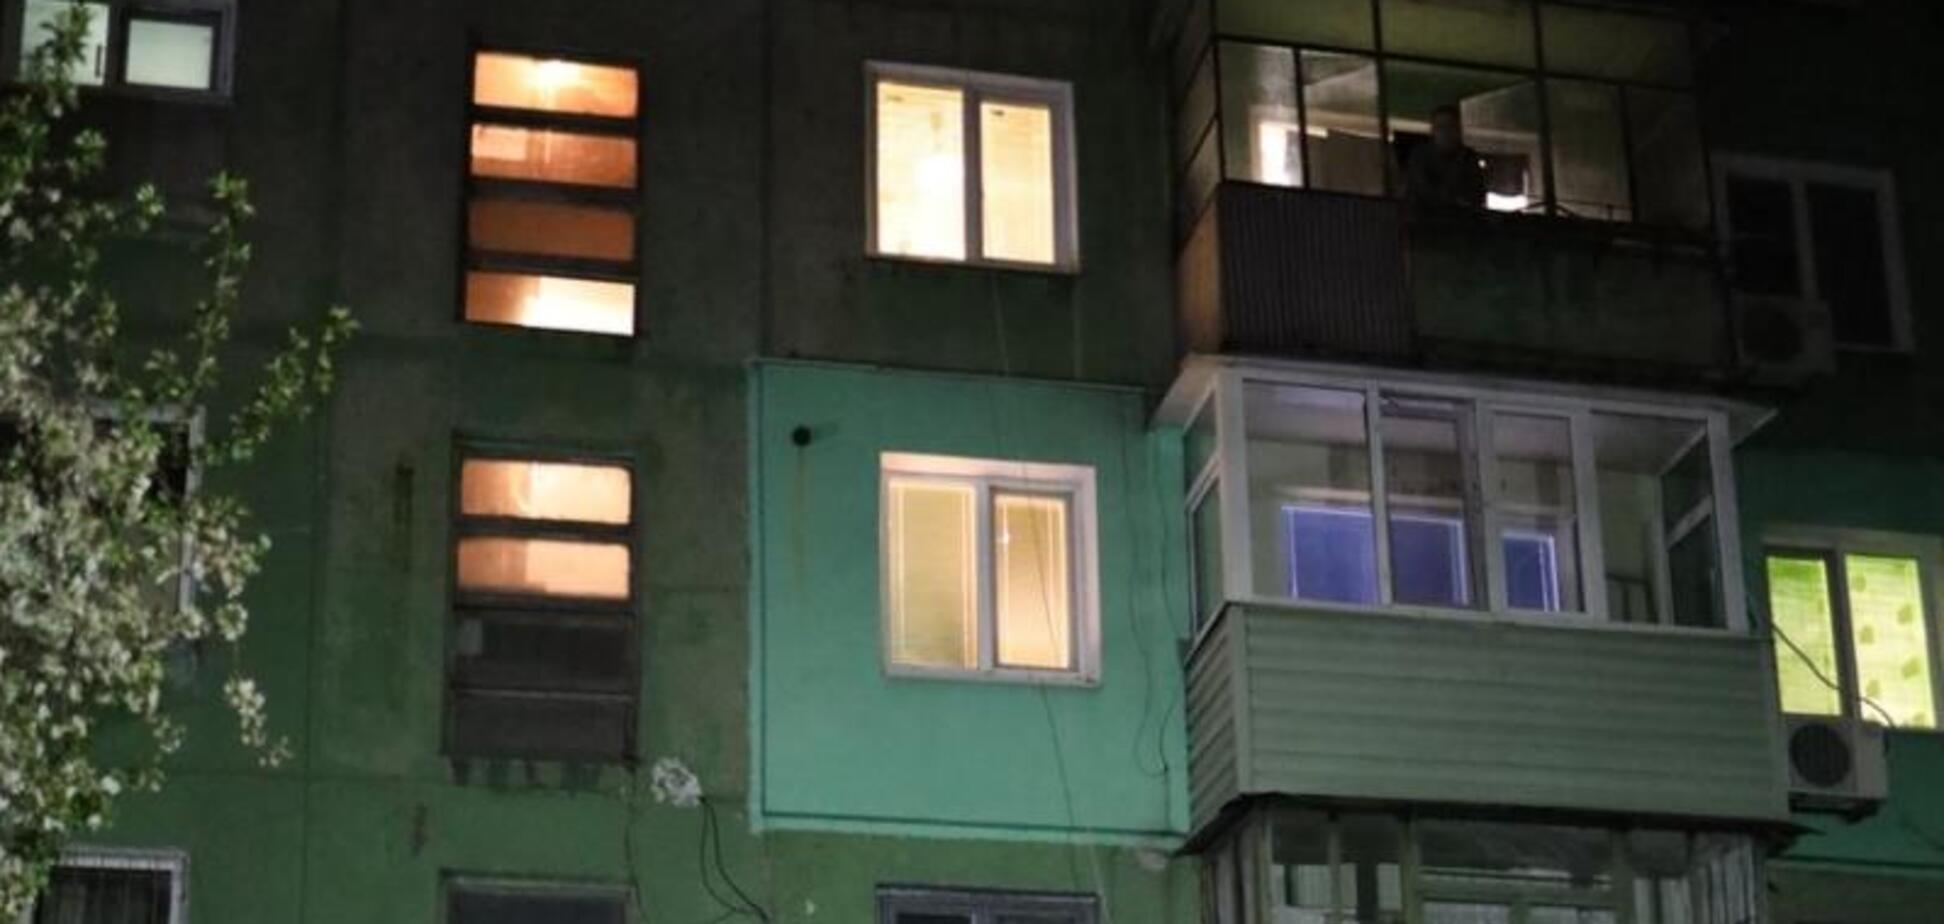 Під Дніпром чоловік погрожував підірвати газом багатоповерховий будинок з людьми. Фото